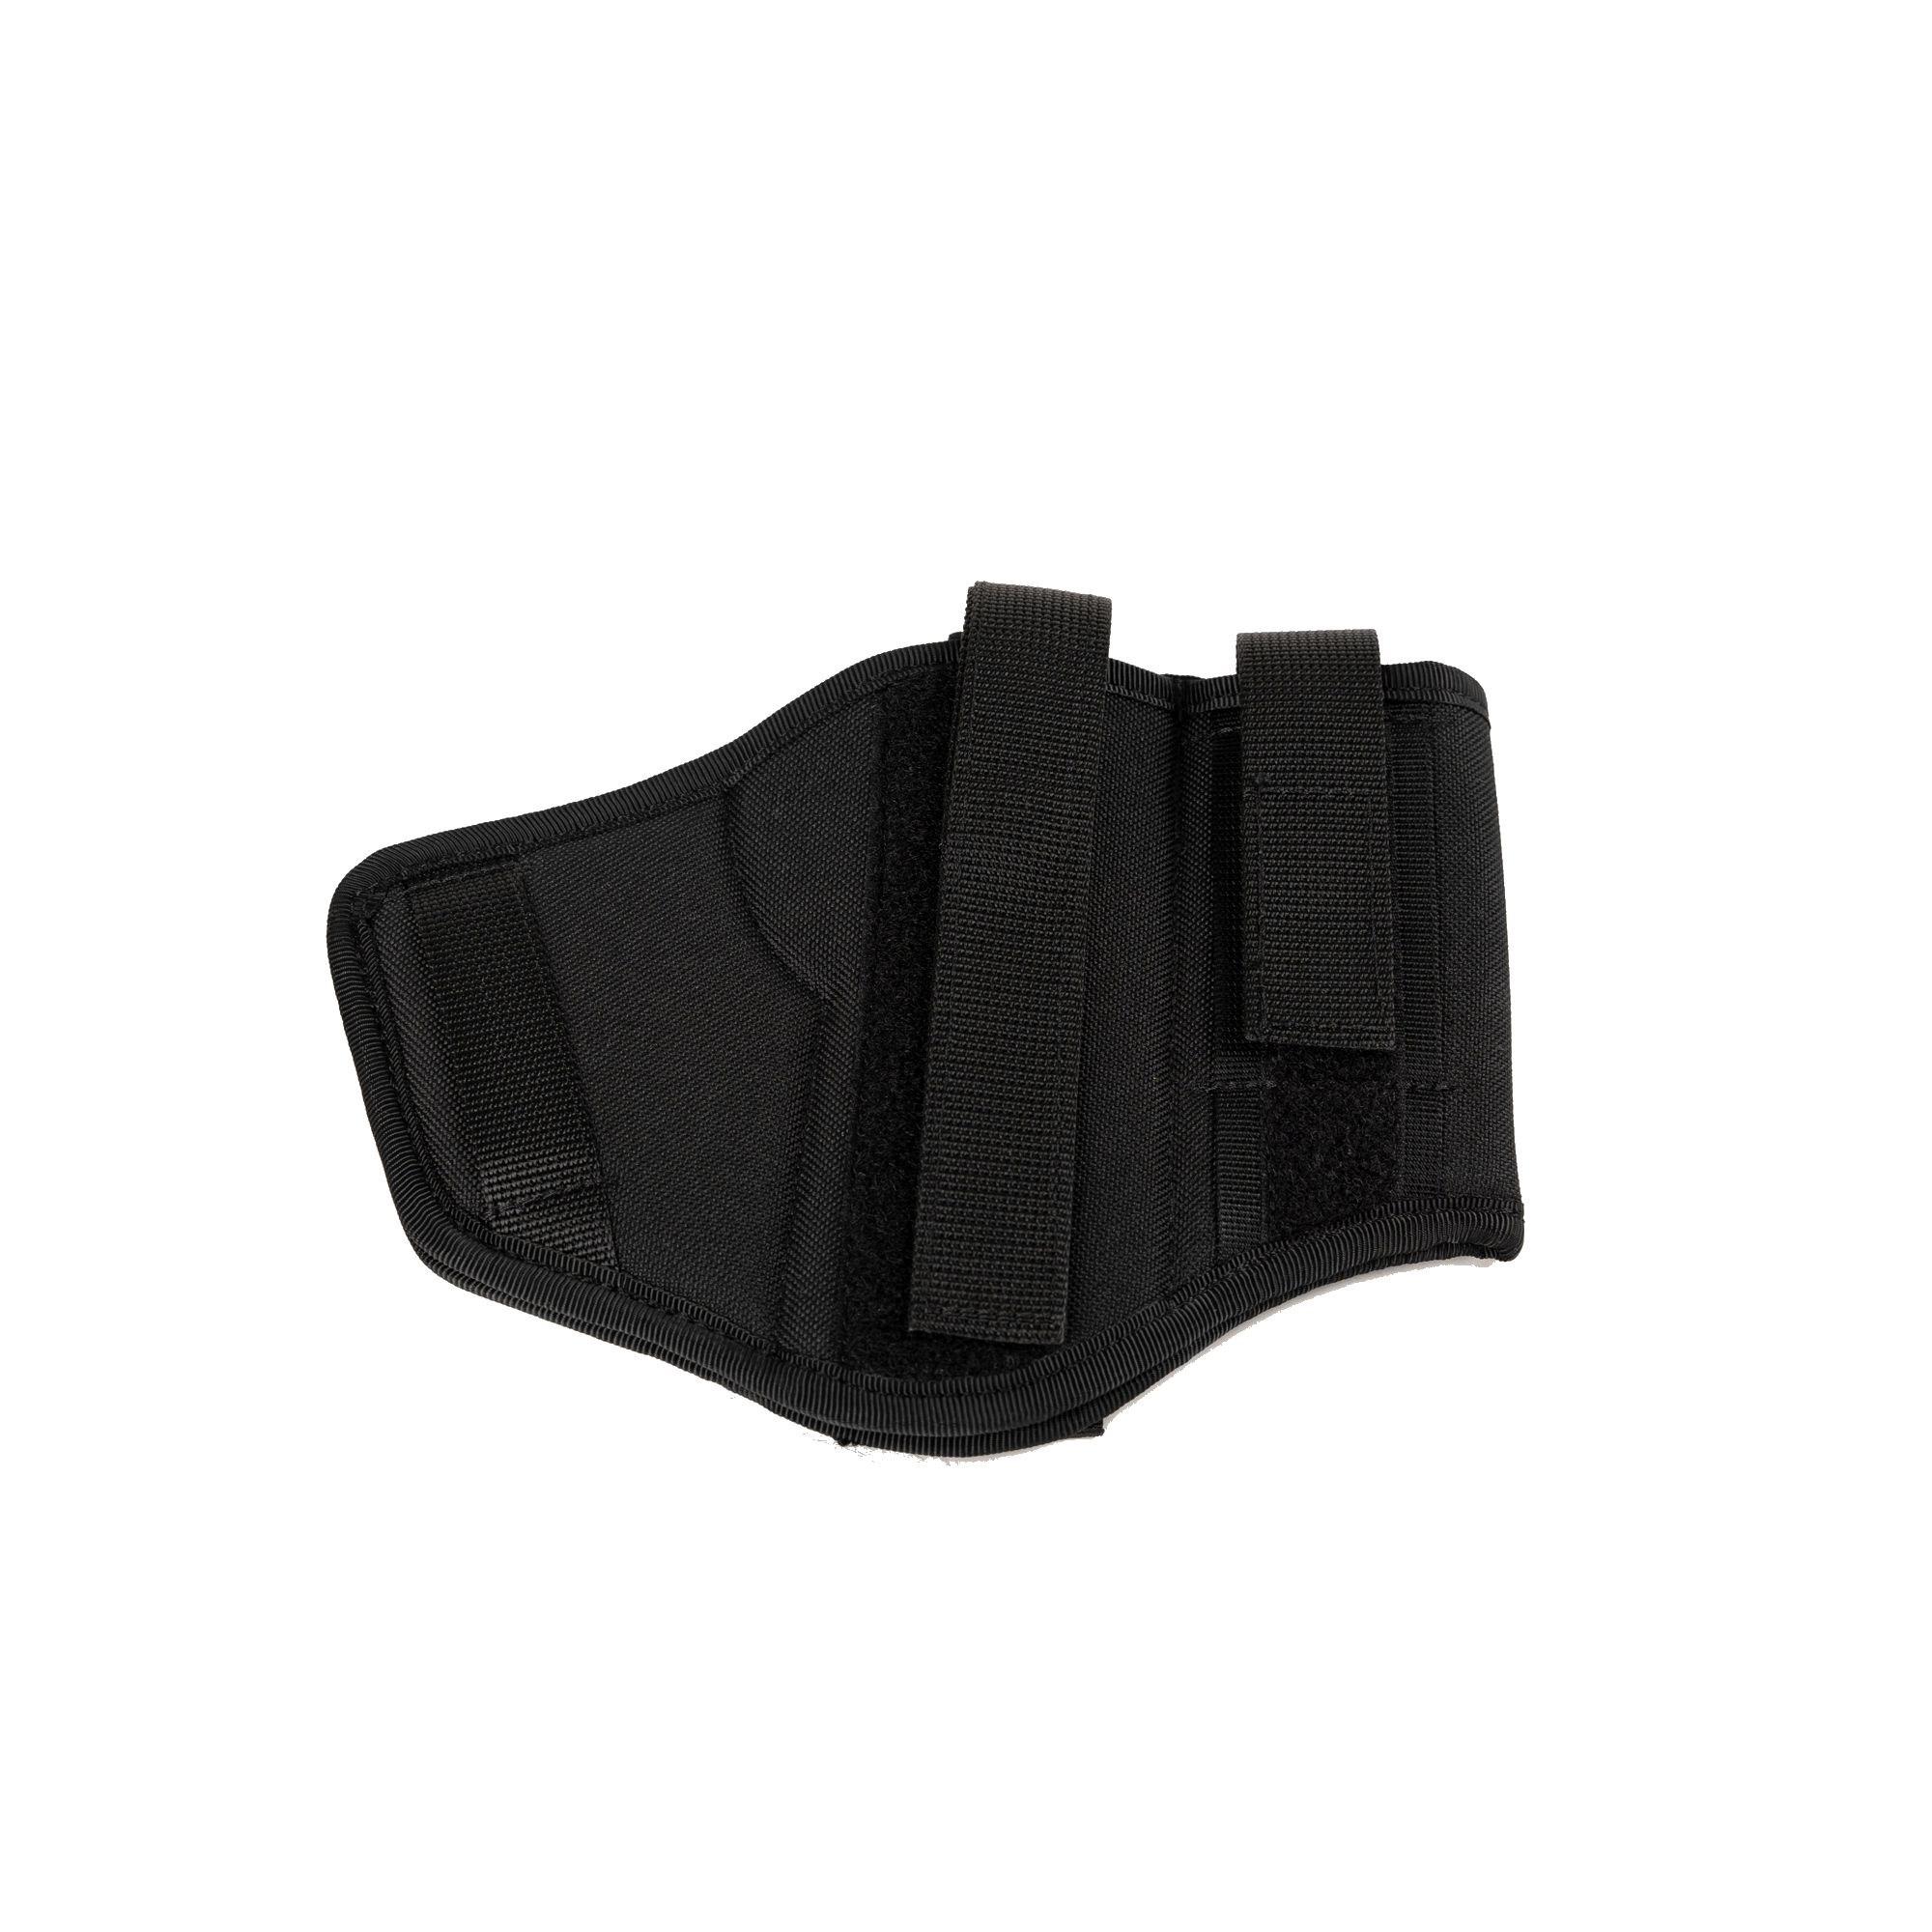 Puzdro na pištoľ a zásobník opaskové 202-5 / Z ČIERNE